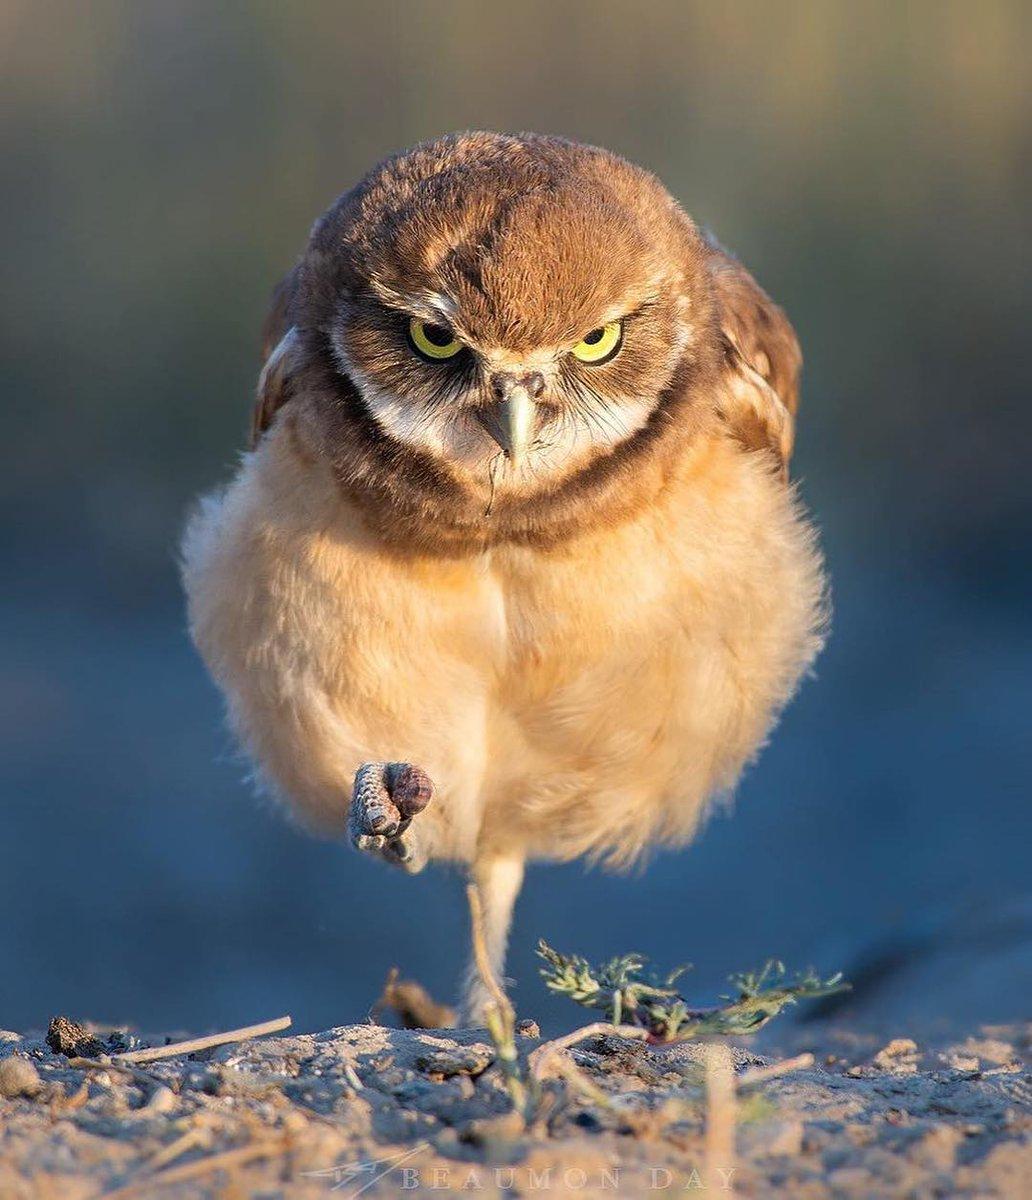 Смешная симпатичная взъерошенная сова картинка самый